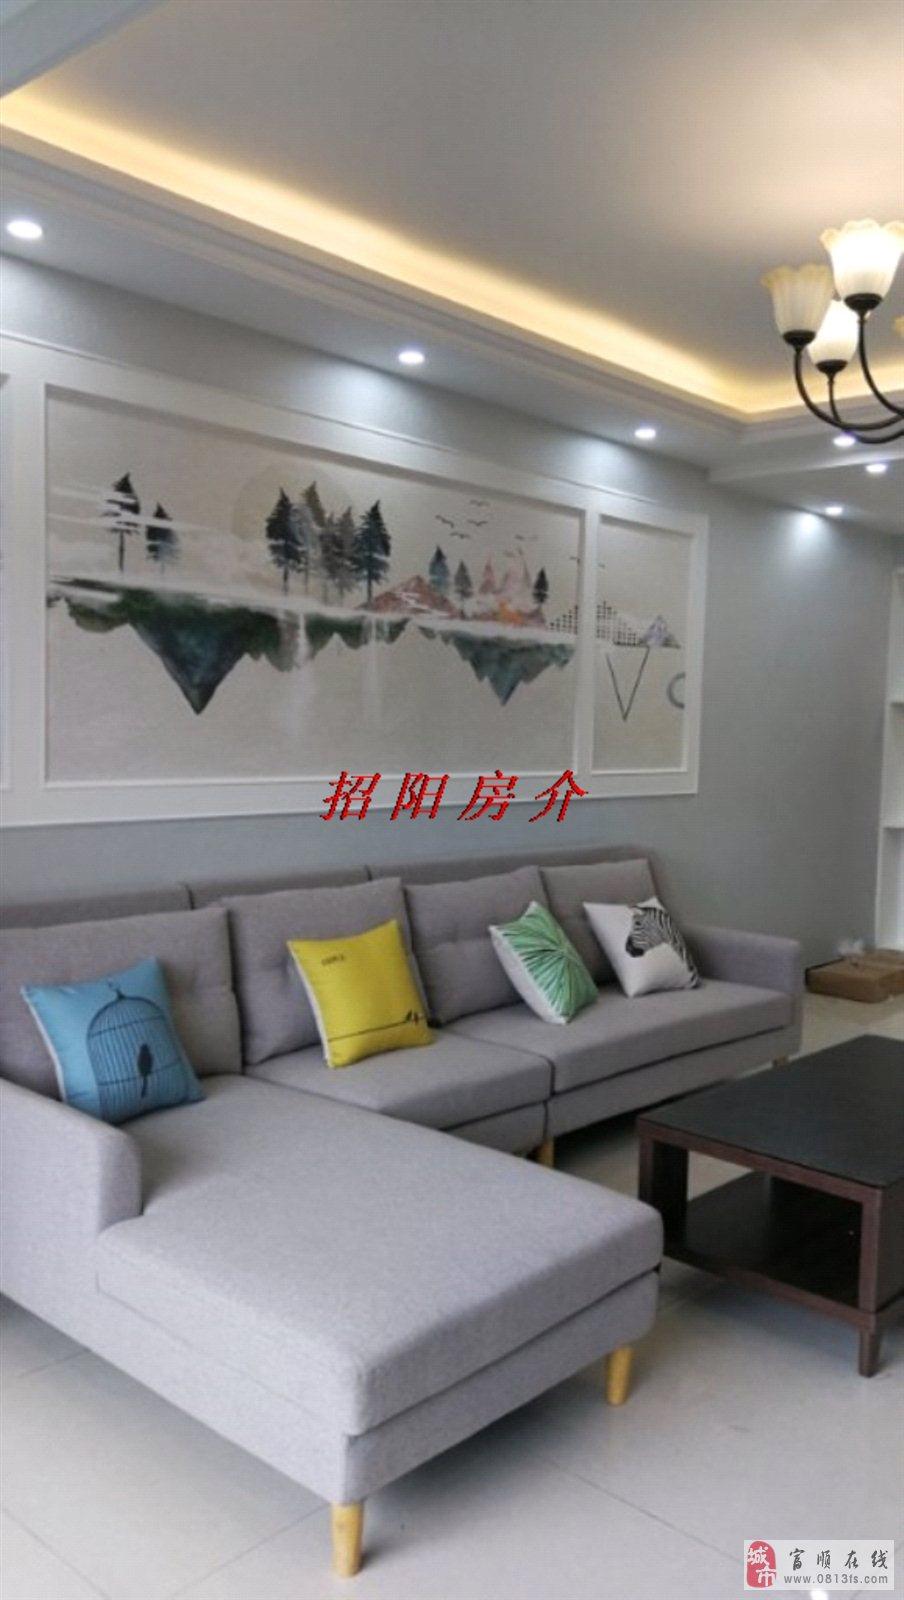 翰林福邸3室2厅2卫78.8万元